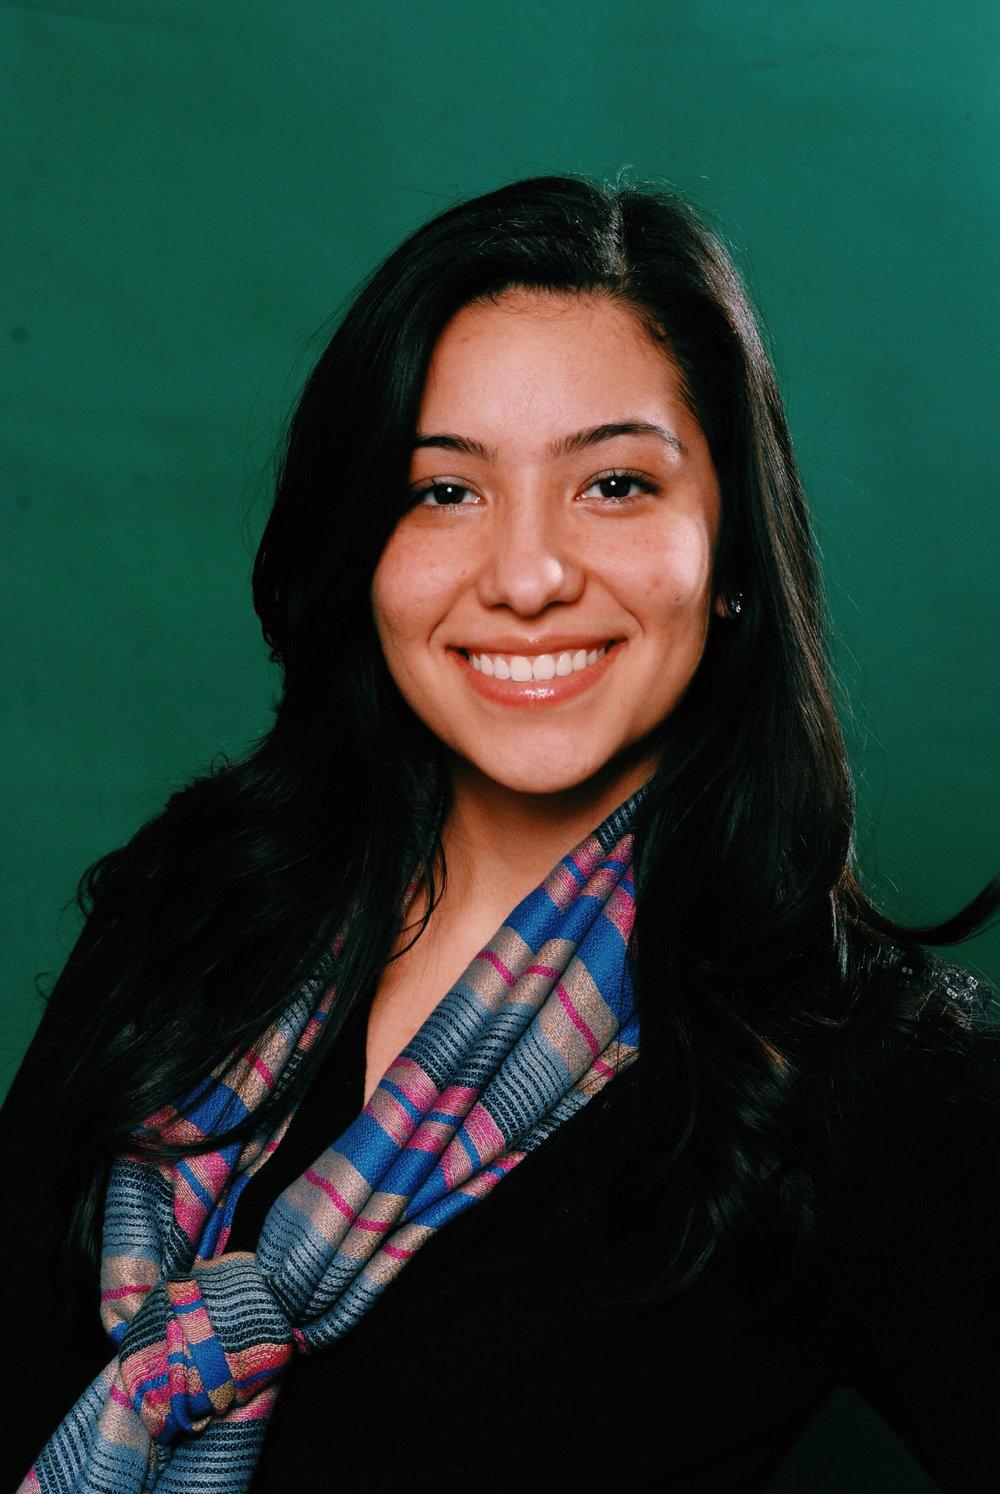 Sarah Ramos